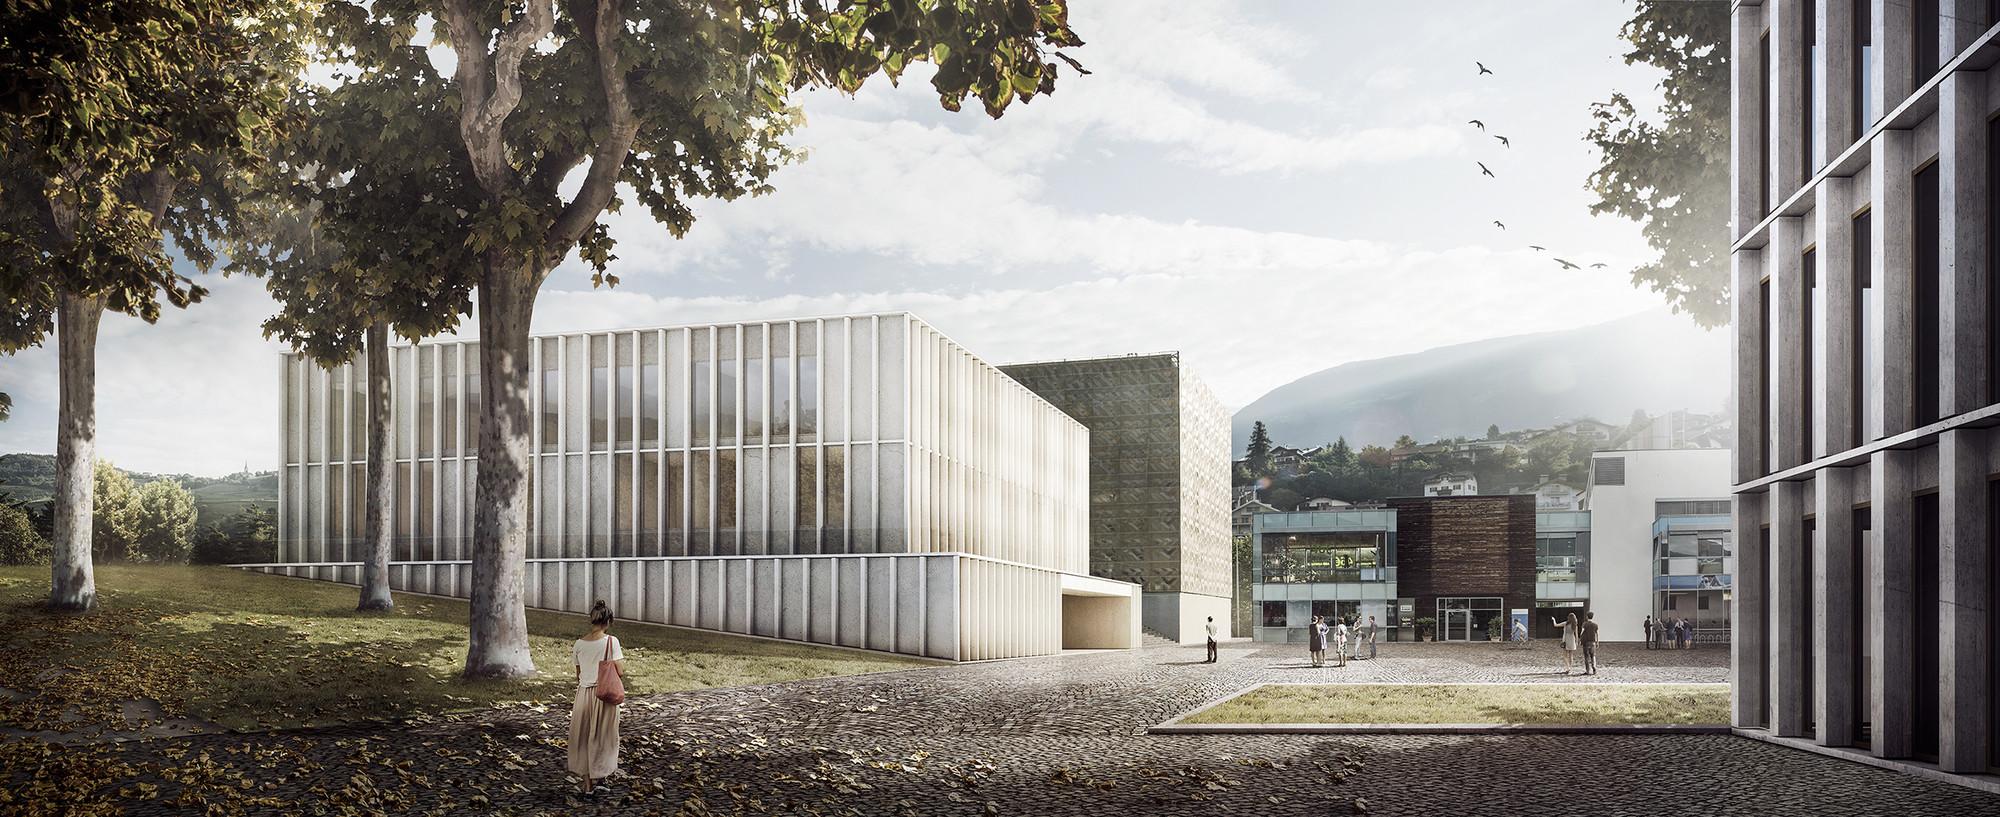 ETB Studio, segundo lugar por propuesta para futura escuela de música en Italia